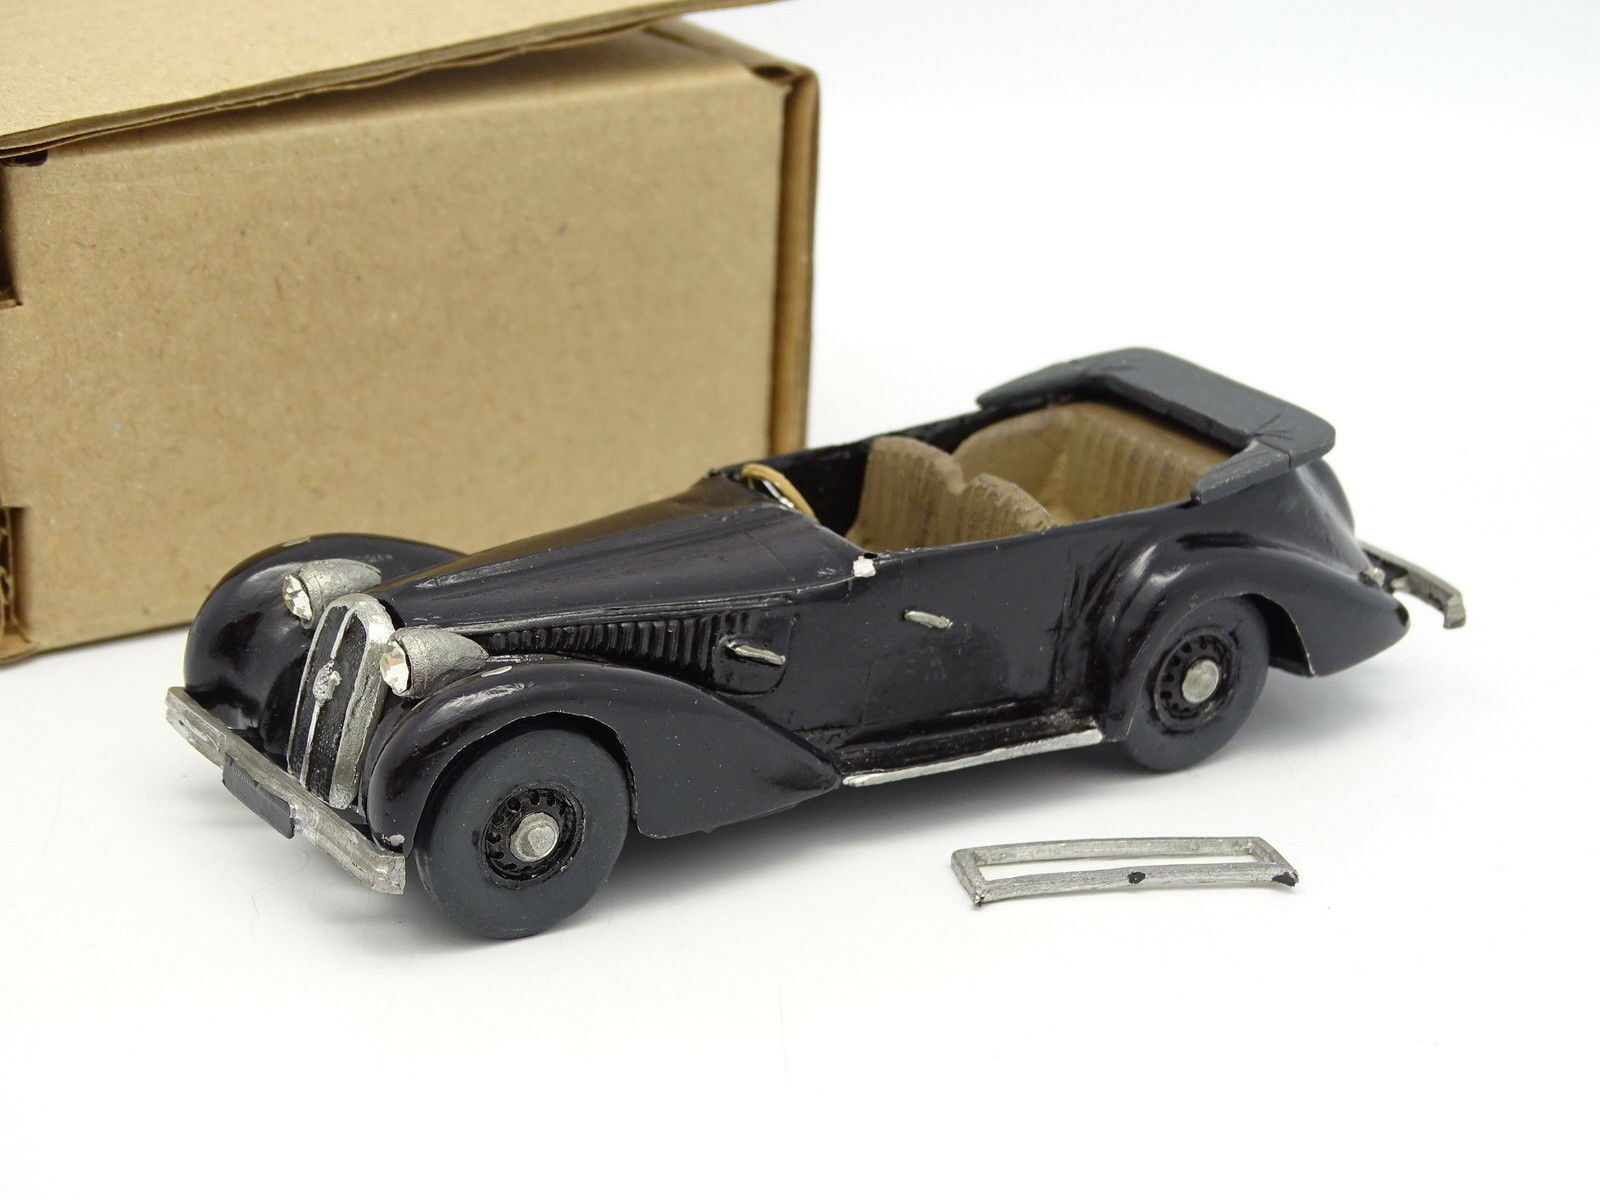 wholesape economico Jabgiocattoli Kit Monté 1 43 43 43 - Calientechkiss Cabriolet 1948 neroe  punto vendita